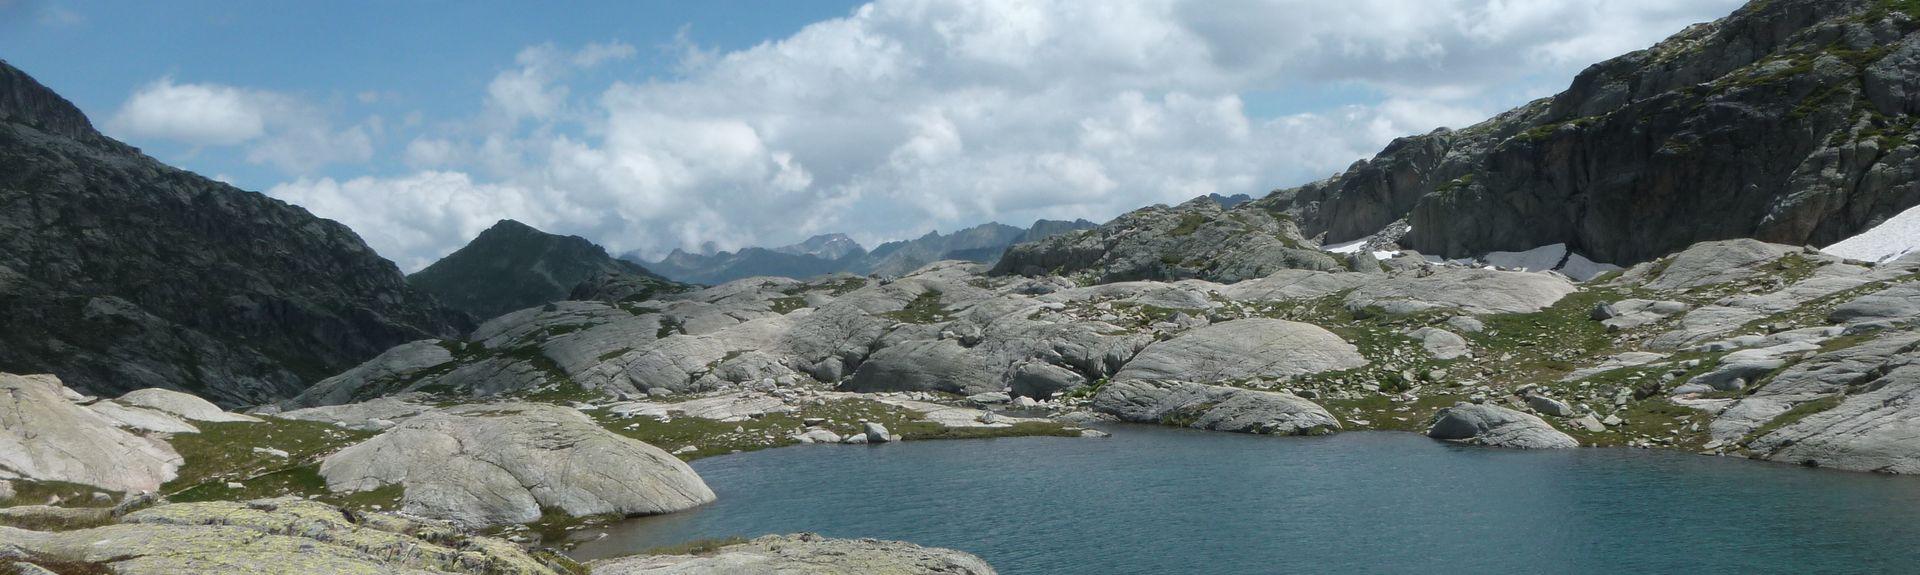 Artalens-Souin, Hautes-Pyrénées, France